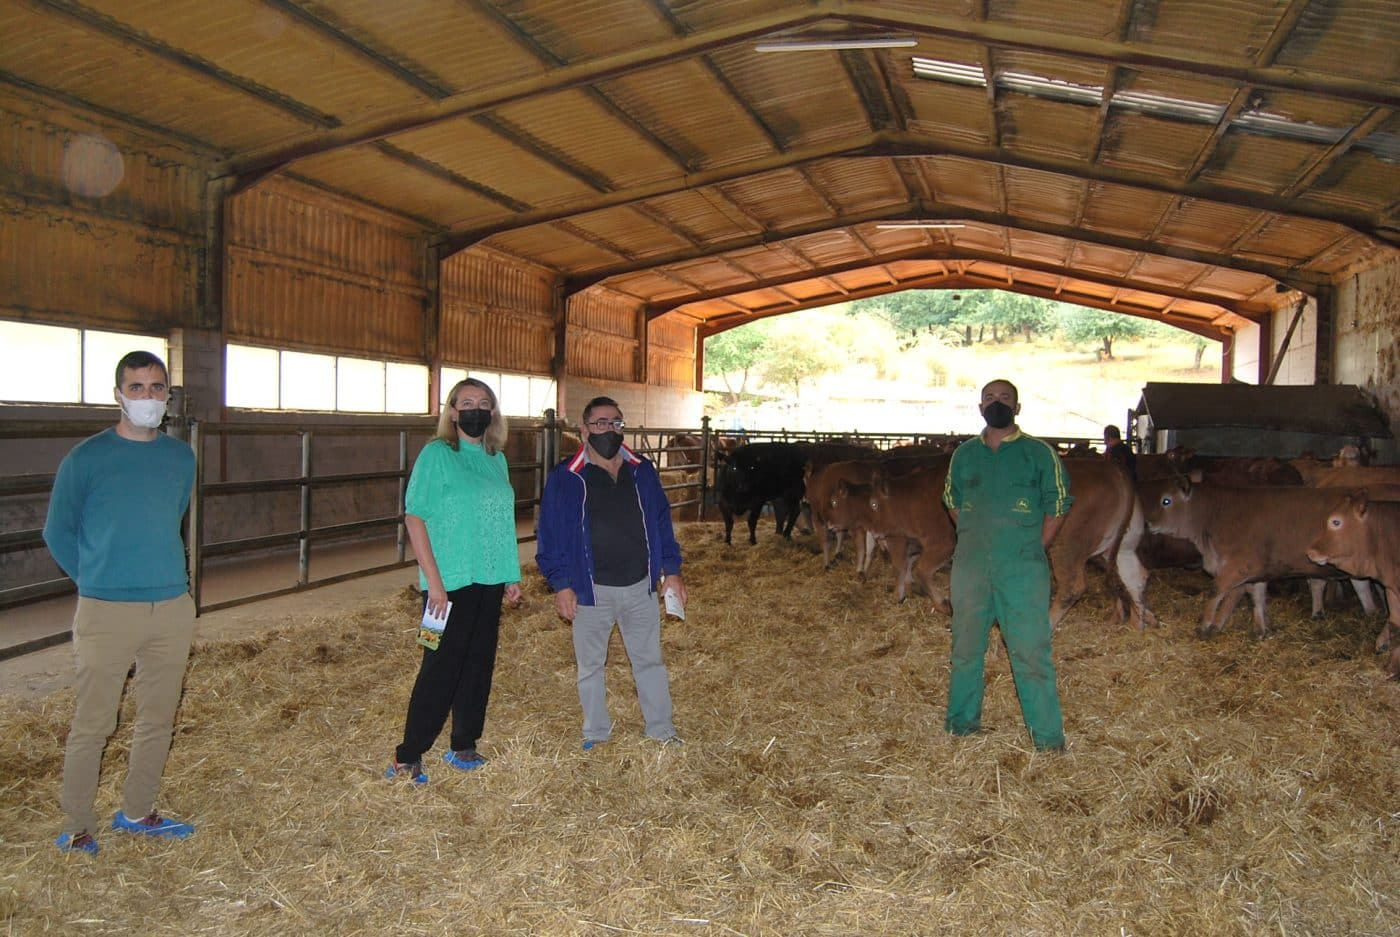 La Rioja abre la convocatoria de ayudas a la ganadería extensiva dotada con más de 600.000 euros 2